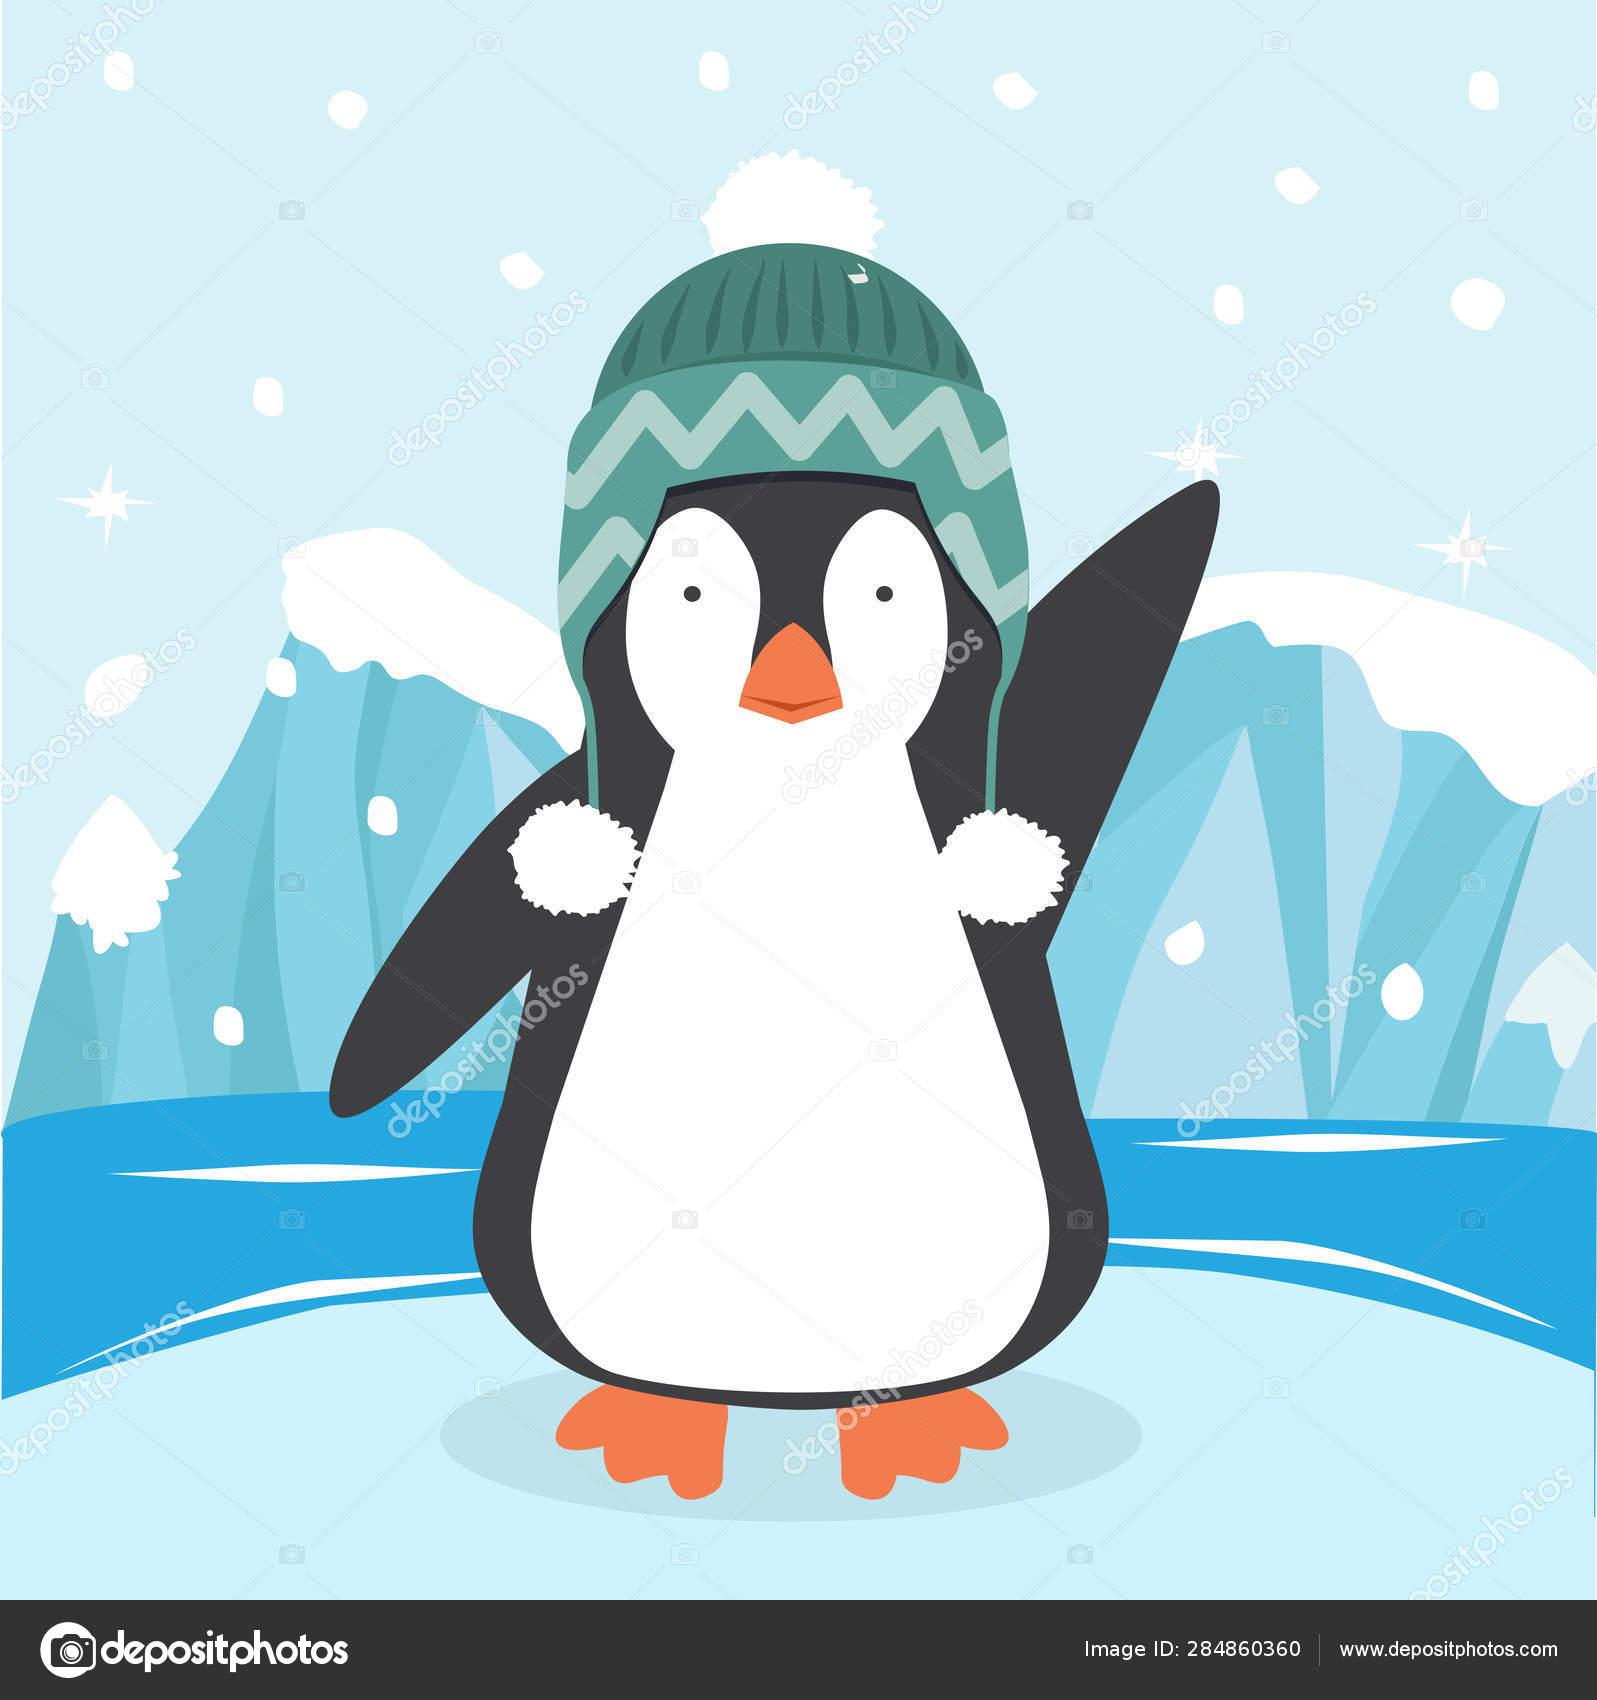 самом фото пингвин в шляпе как возникновение патологии